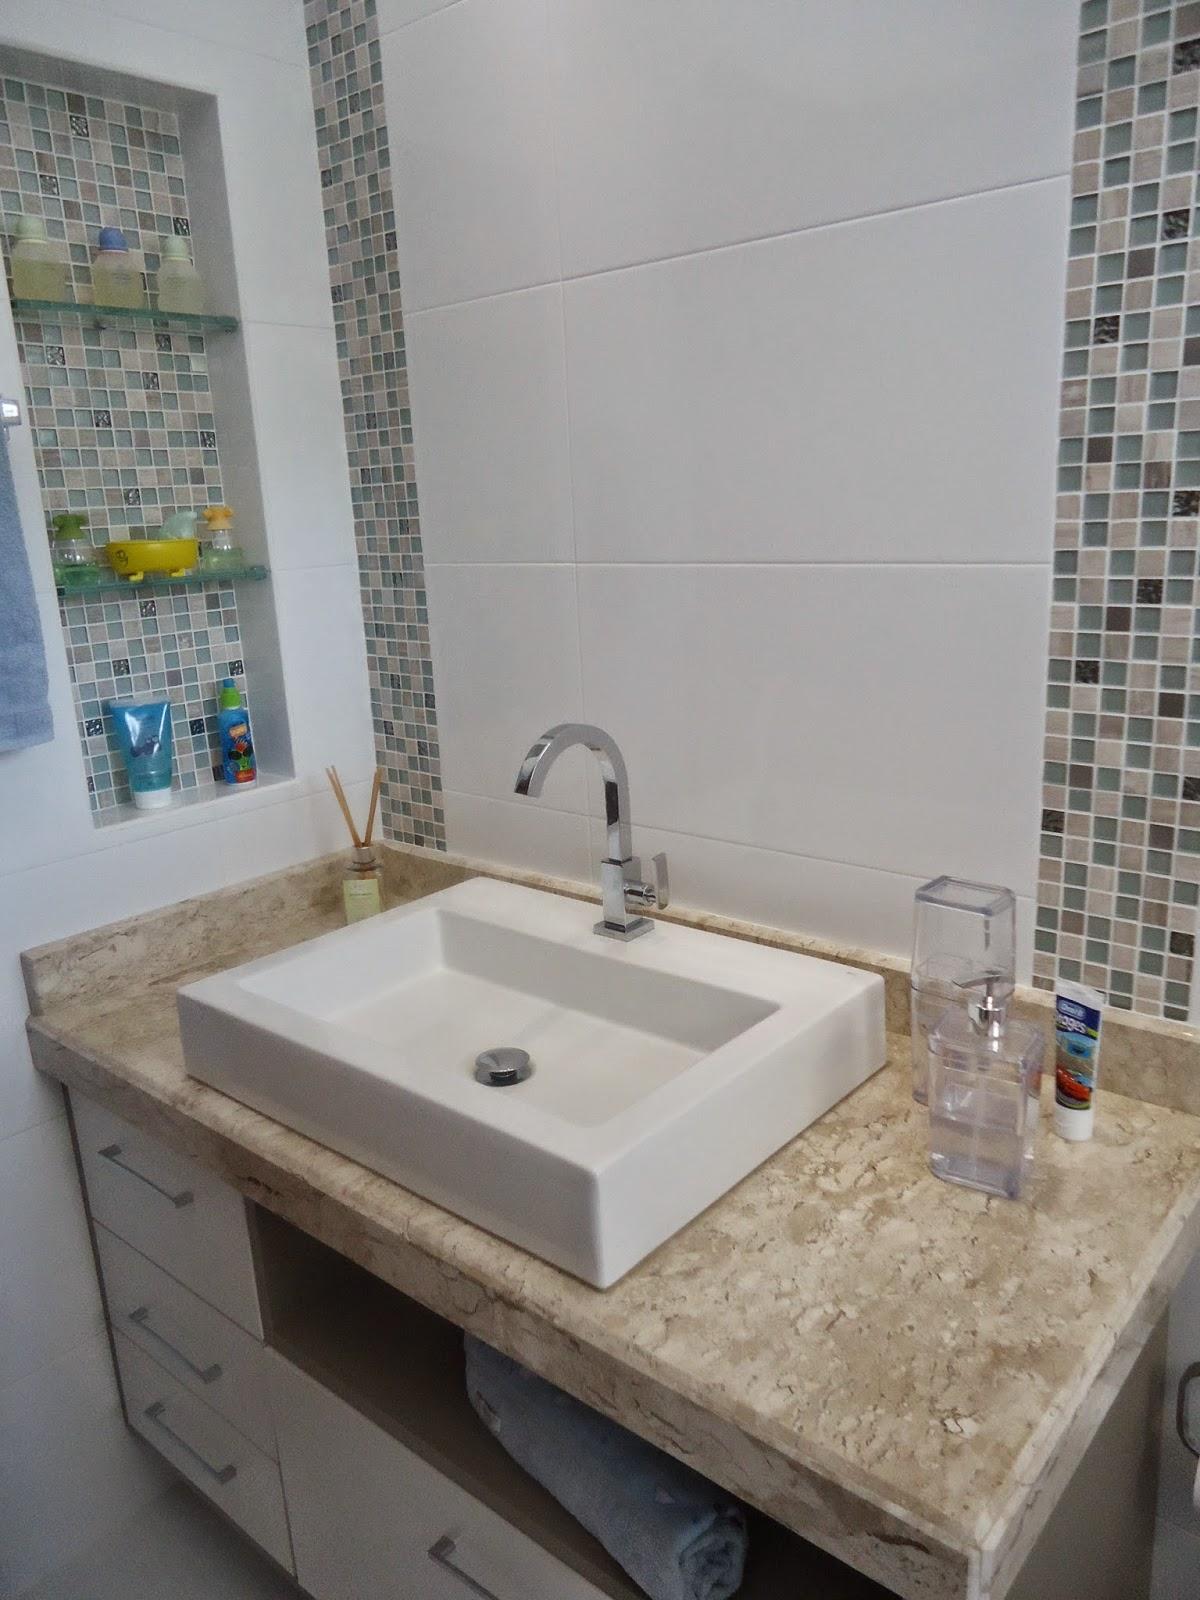 Bianca Monteiro: Nichos e pastilhas de vidro em banheiro infantil #466169 1200 1600